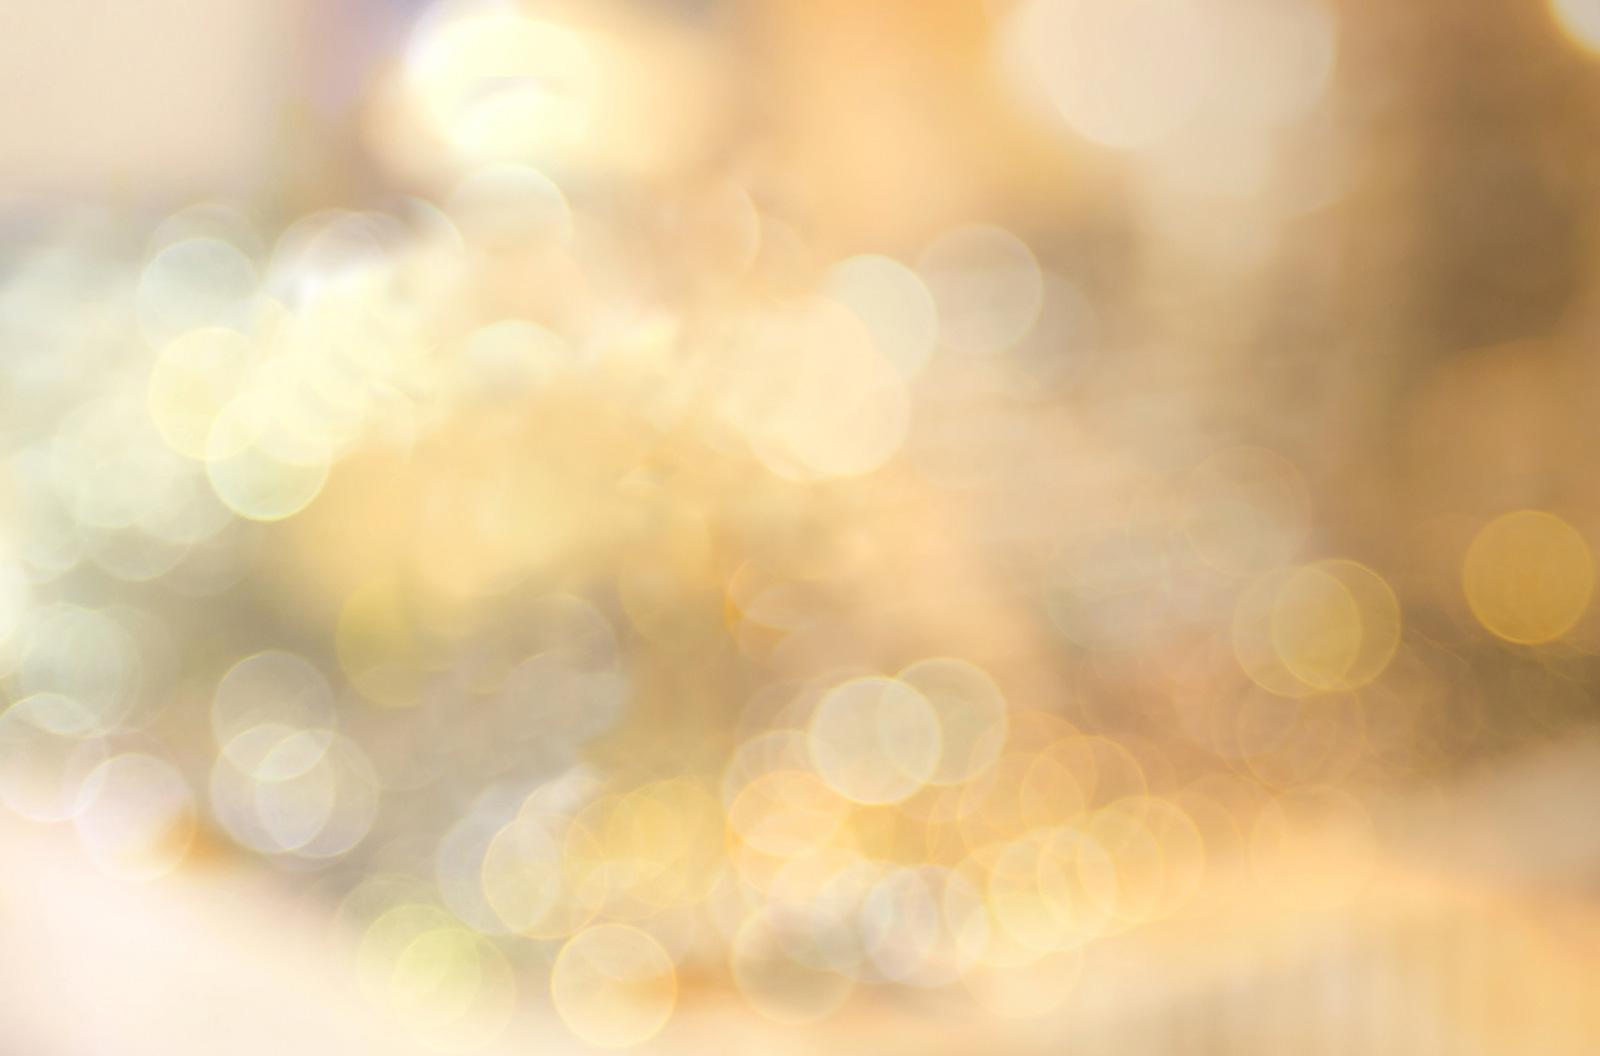 HSMS Golden Lights Background